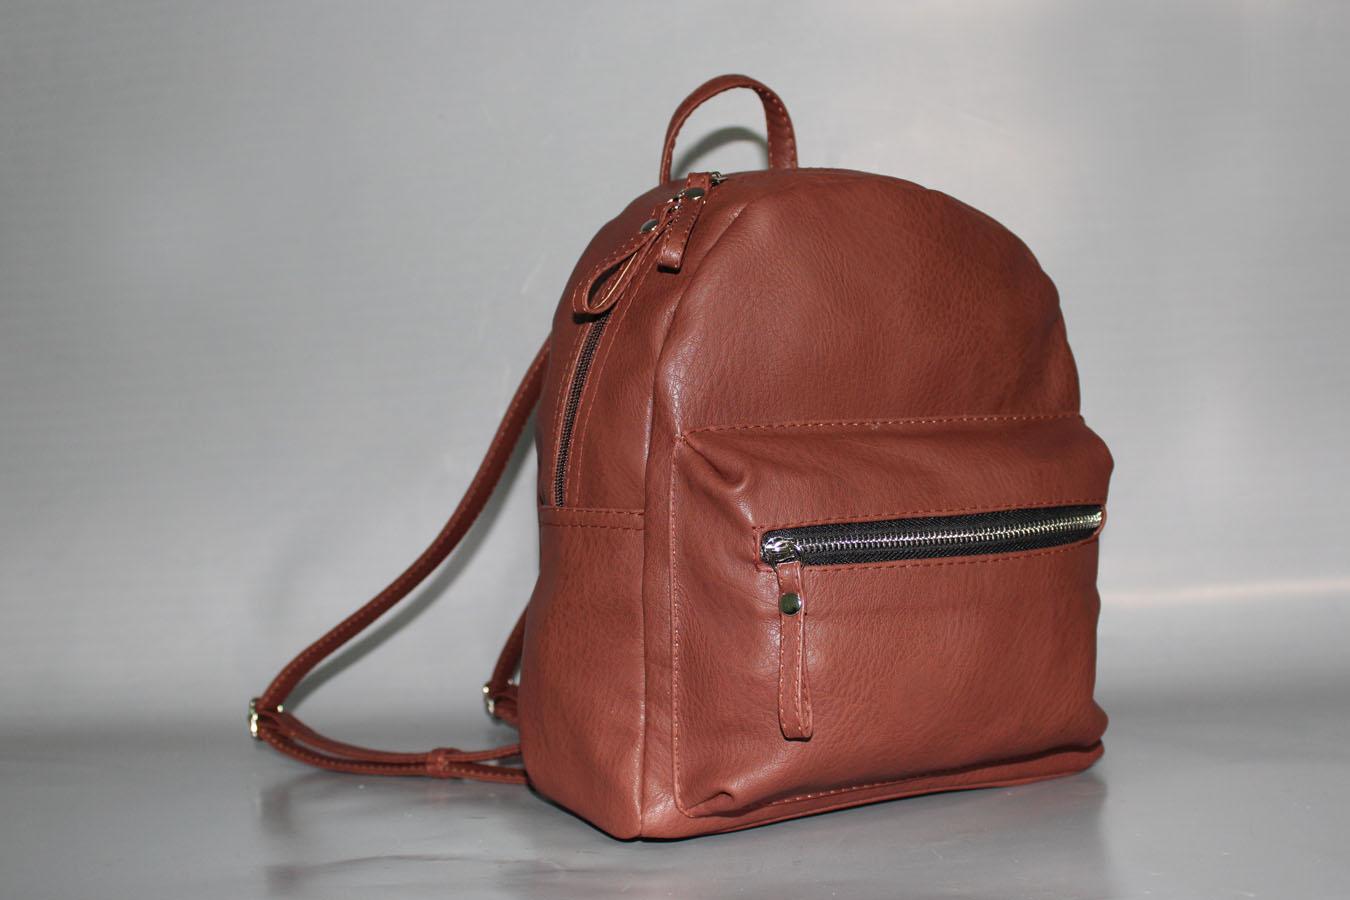 РюкзакРюкзаки<br>Рюкзак женский, мягкий. Внутри: карман на молнии, под сотовый телефон.  Спереди карман на молнии, сзади карман на молнии. Фиксированное дно. Легкий,средний.  Размеры:  длина 26 см  высота 30 см  ширина 13 см  Цвет: коричневый<br><br>По образу: Город,Жизнь,Офис,Свидание<br>По стилю: Молодежные,Повседневные<br>По материалу: Искусственная кожа<br>По размеру: Средние<br>По рисунку: Однотонные<br>По элементам: Карман под телефон,Карман на молнии<br>Отделения: без отделений<br>По силуэту стенок: Прямоугольные<br>По способу ношения: Через плечо<br>По степени жесткости: Полужесткие<br>По типу застежки: С застежкой молнией<br>Ручки: Плечевые,Тонкие<br>Размер: 1<br>Материал: Искусственная кожа<br>Количество в наличии: 5